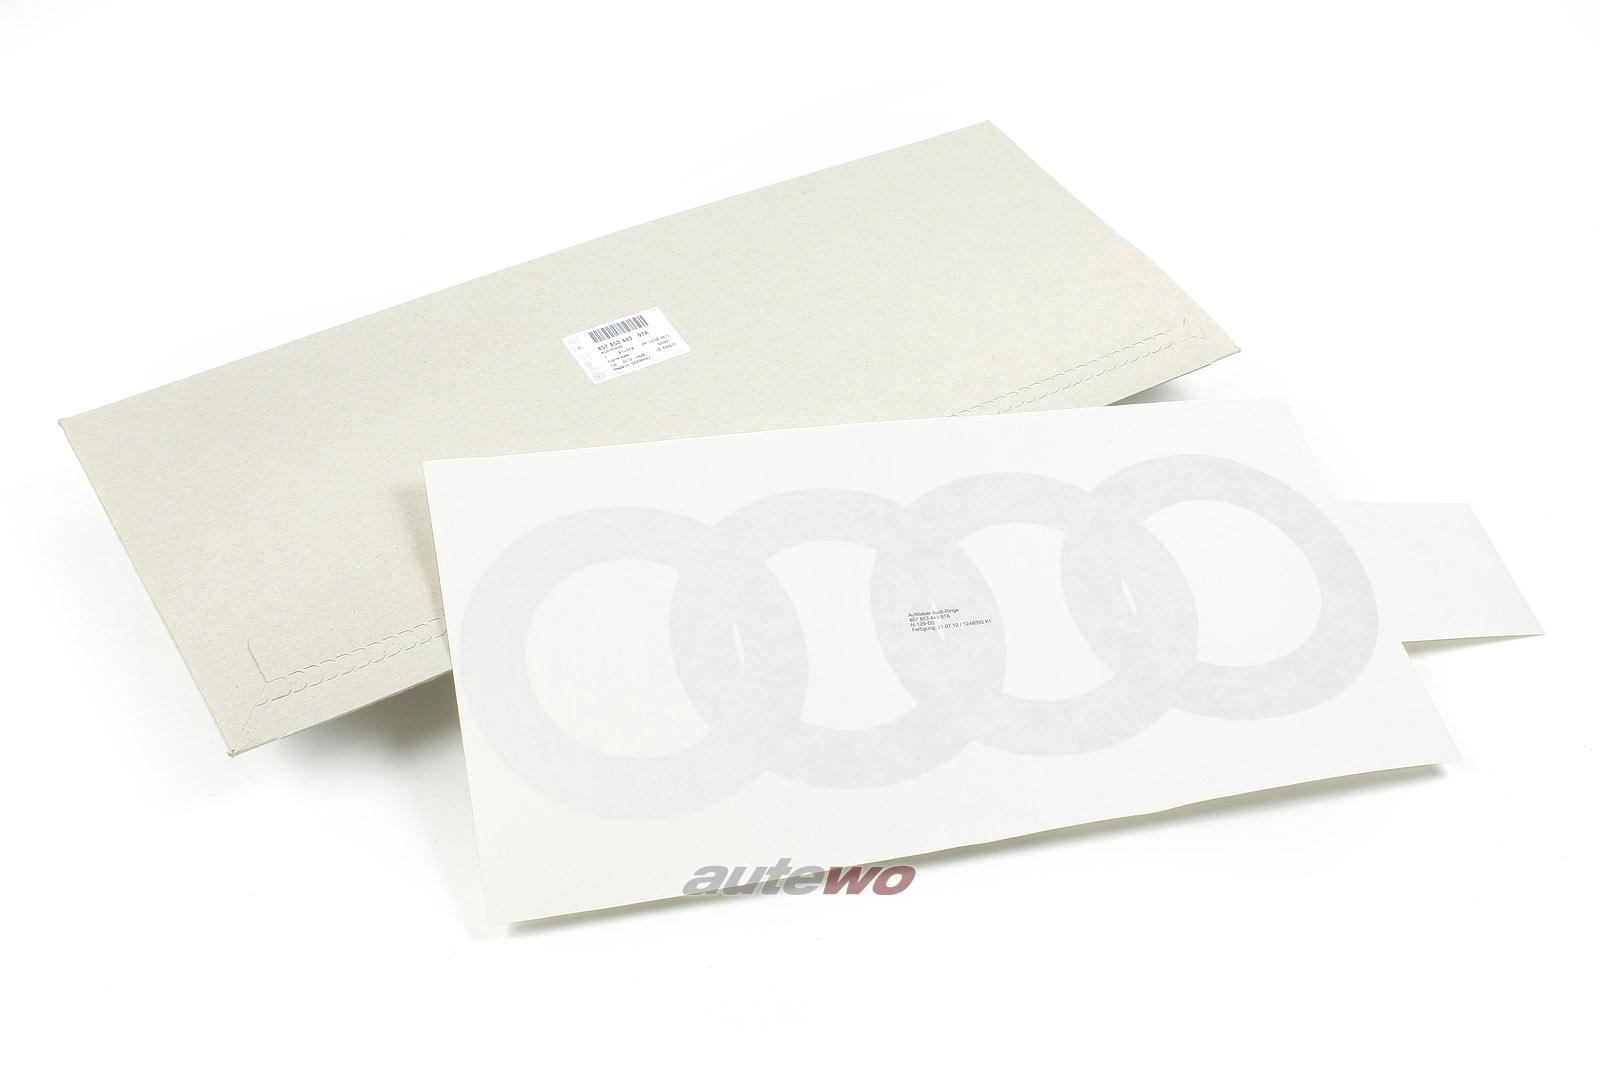 857853443 NEU Audi Urquattro Audiringe für unteren Tür-Bereich silber